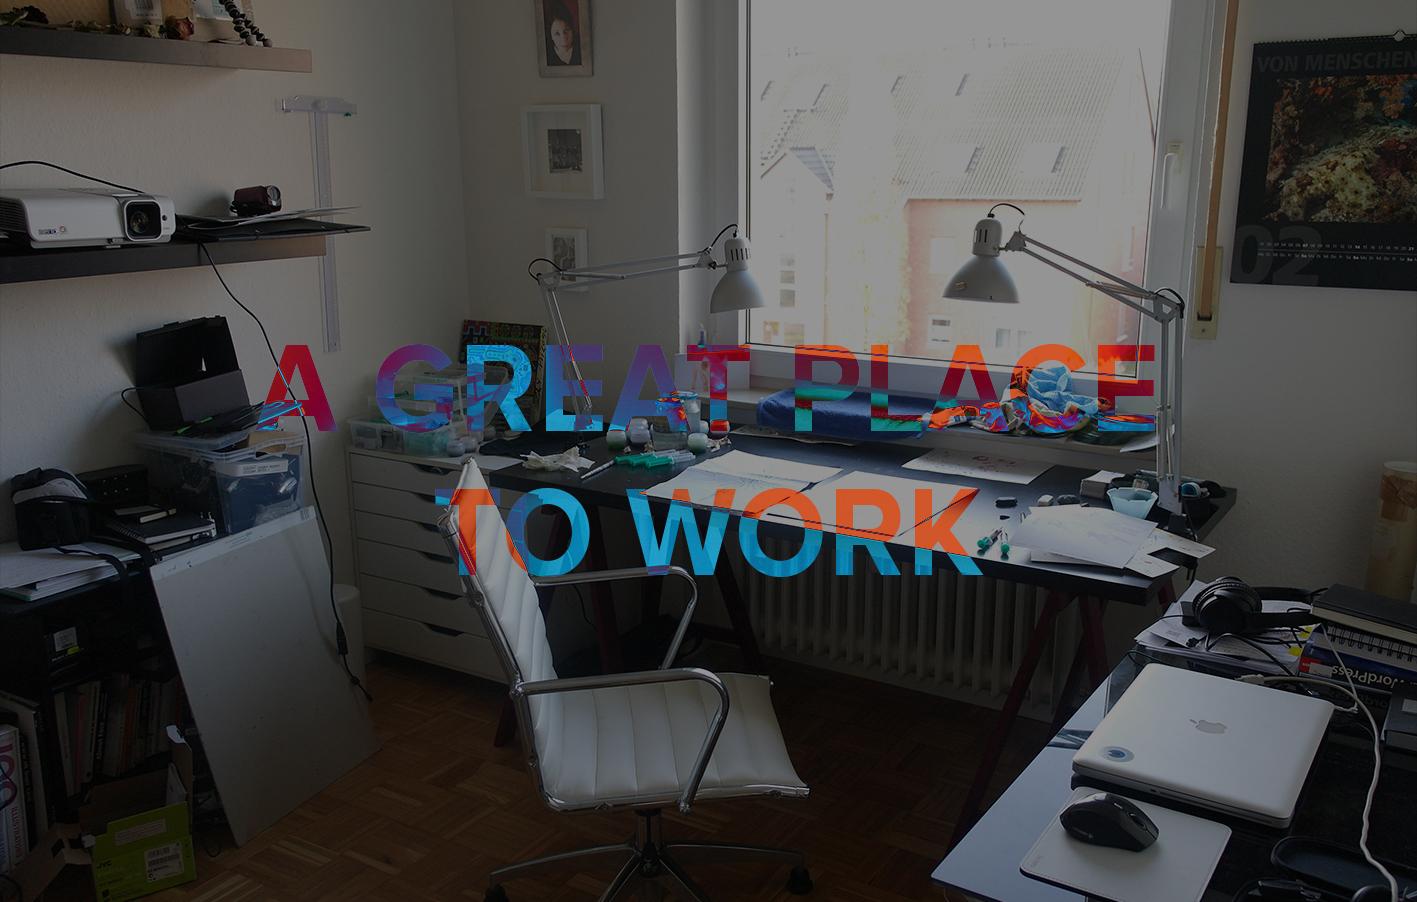 artist studio - künstleratelier, kreativer Arbeitsplatz